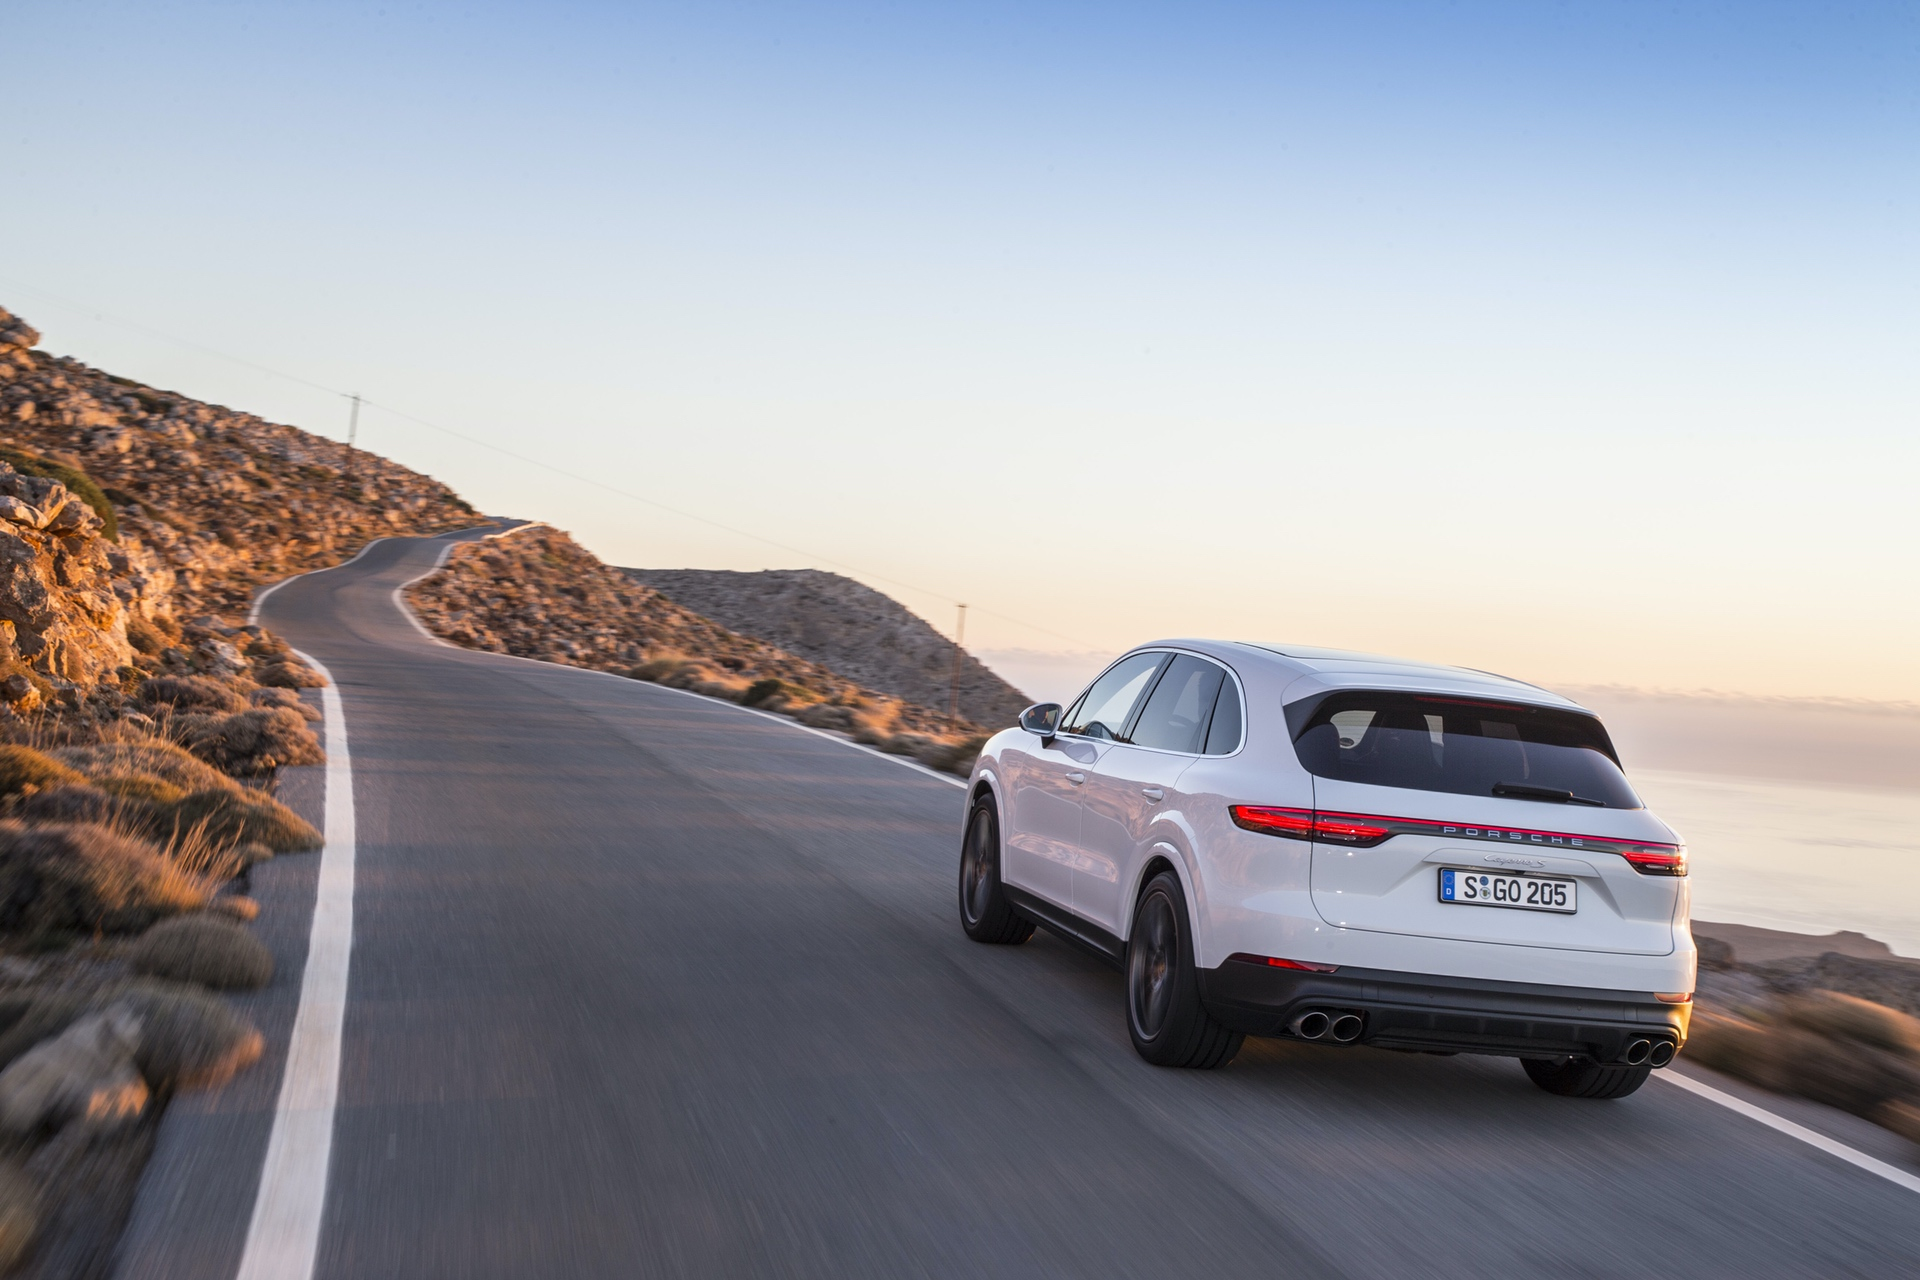 Test_Drive_Porsche_Cayenne_184